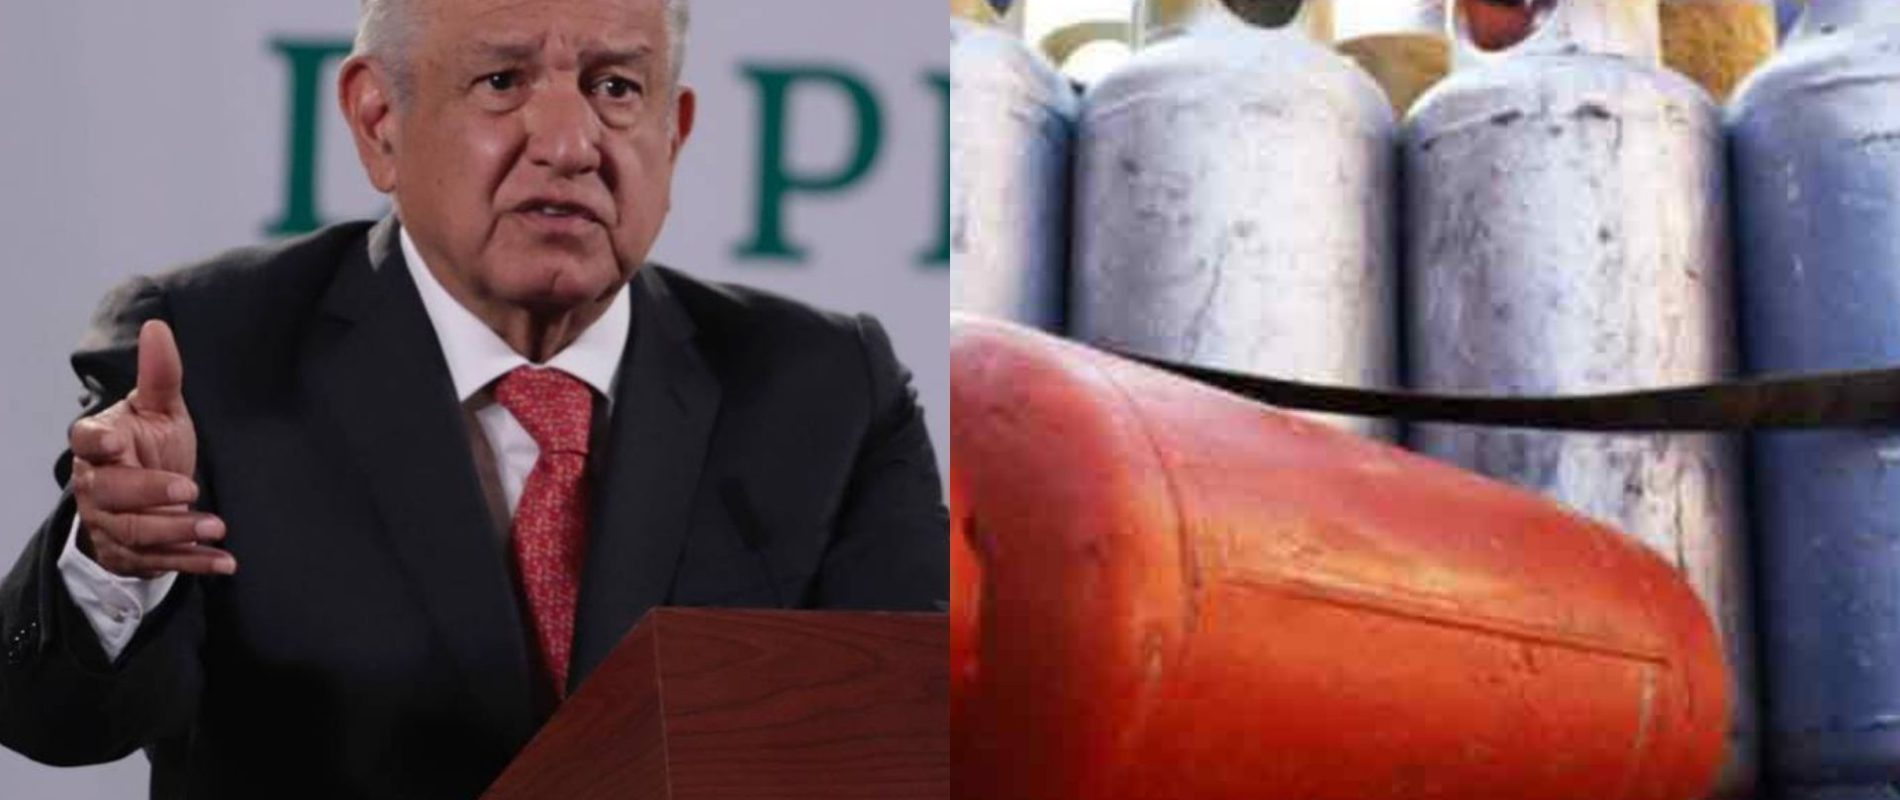 Estado no se doblegaran ante distribuidores de gas; precio máximo es en beneficio del pueblo: AMLO